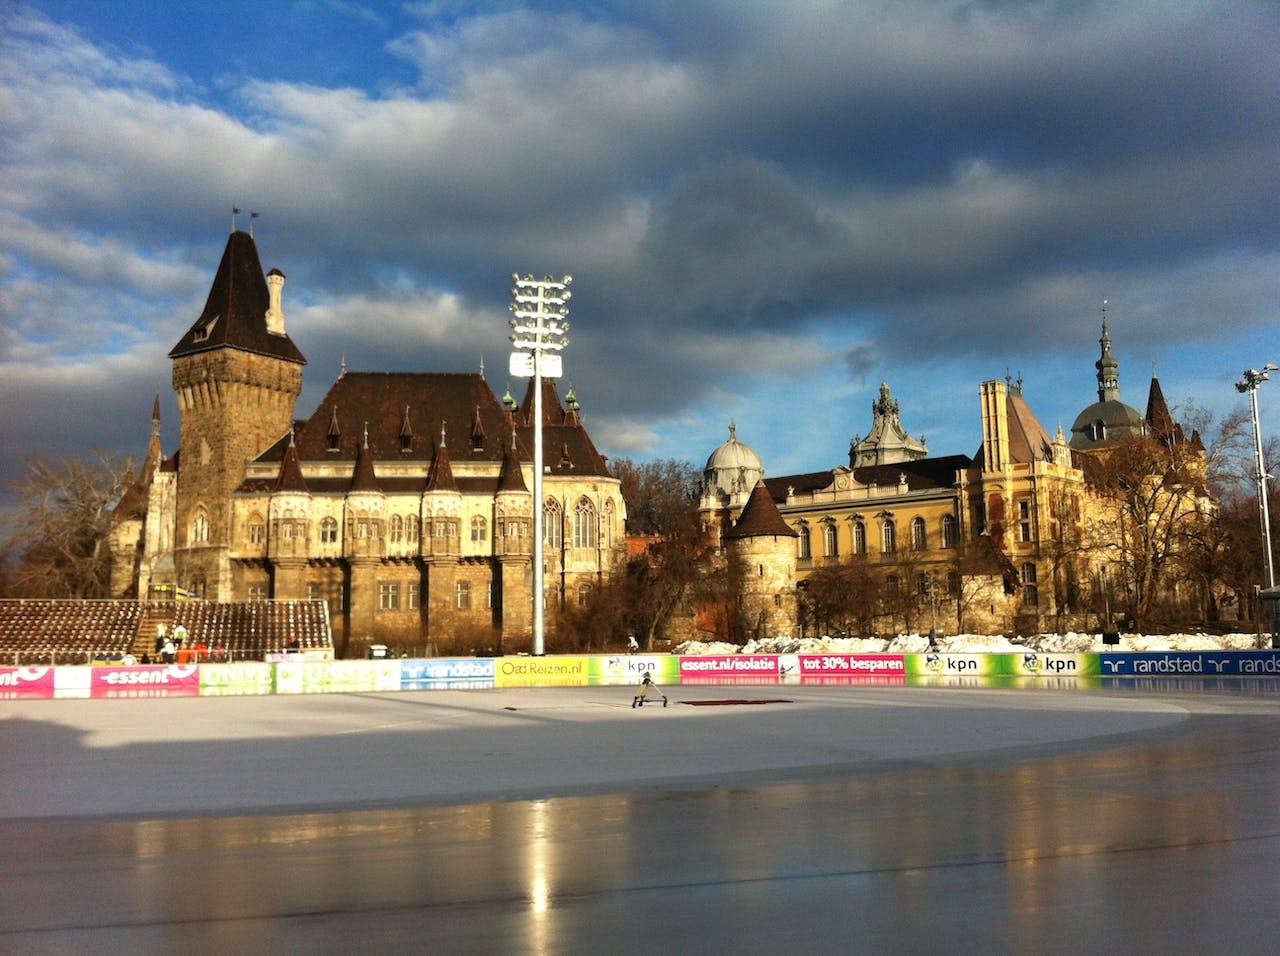 De schaatsbaan in Hongarije